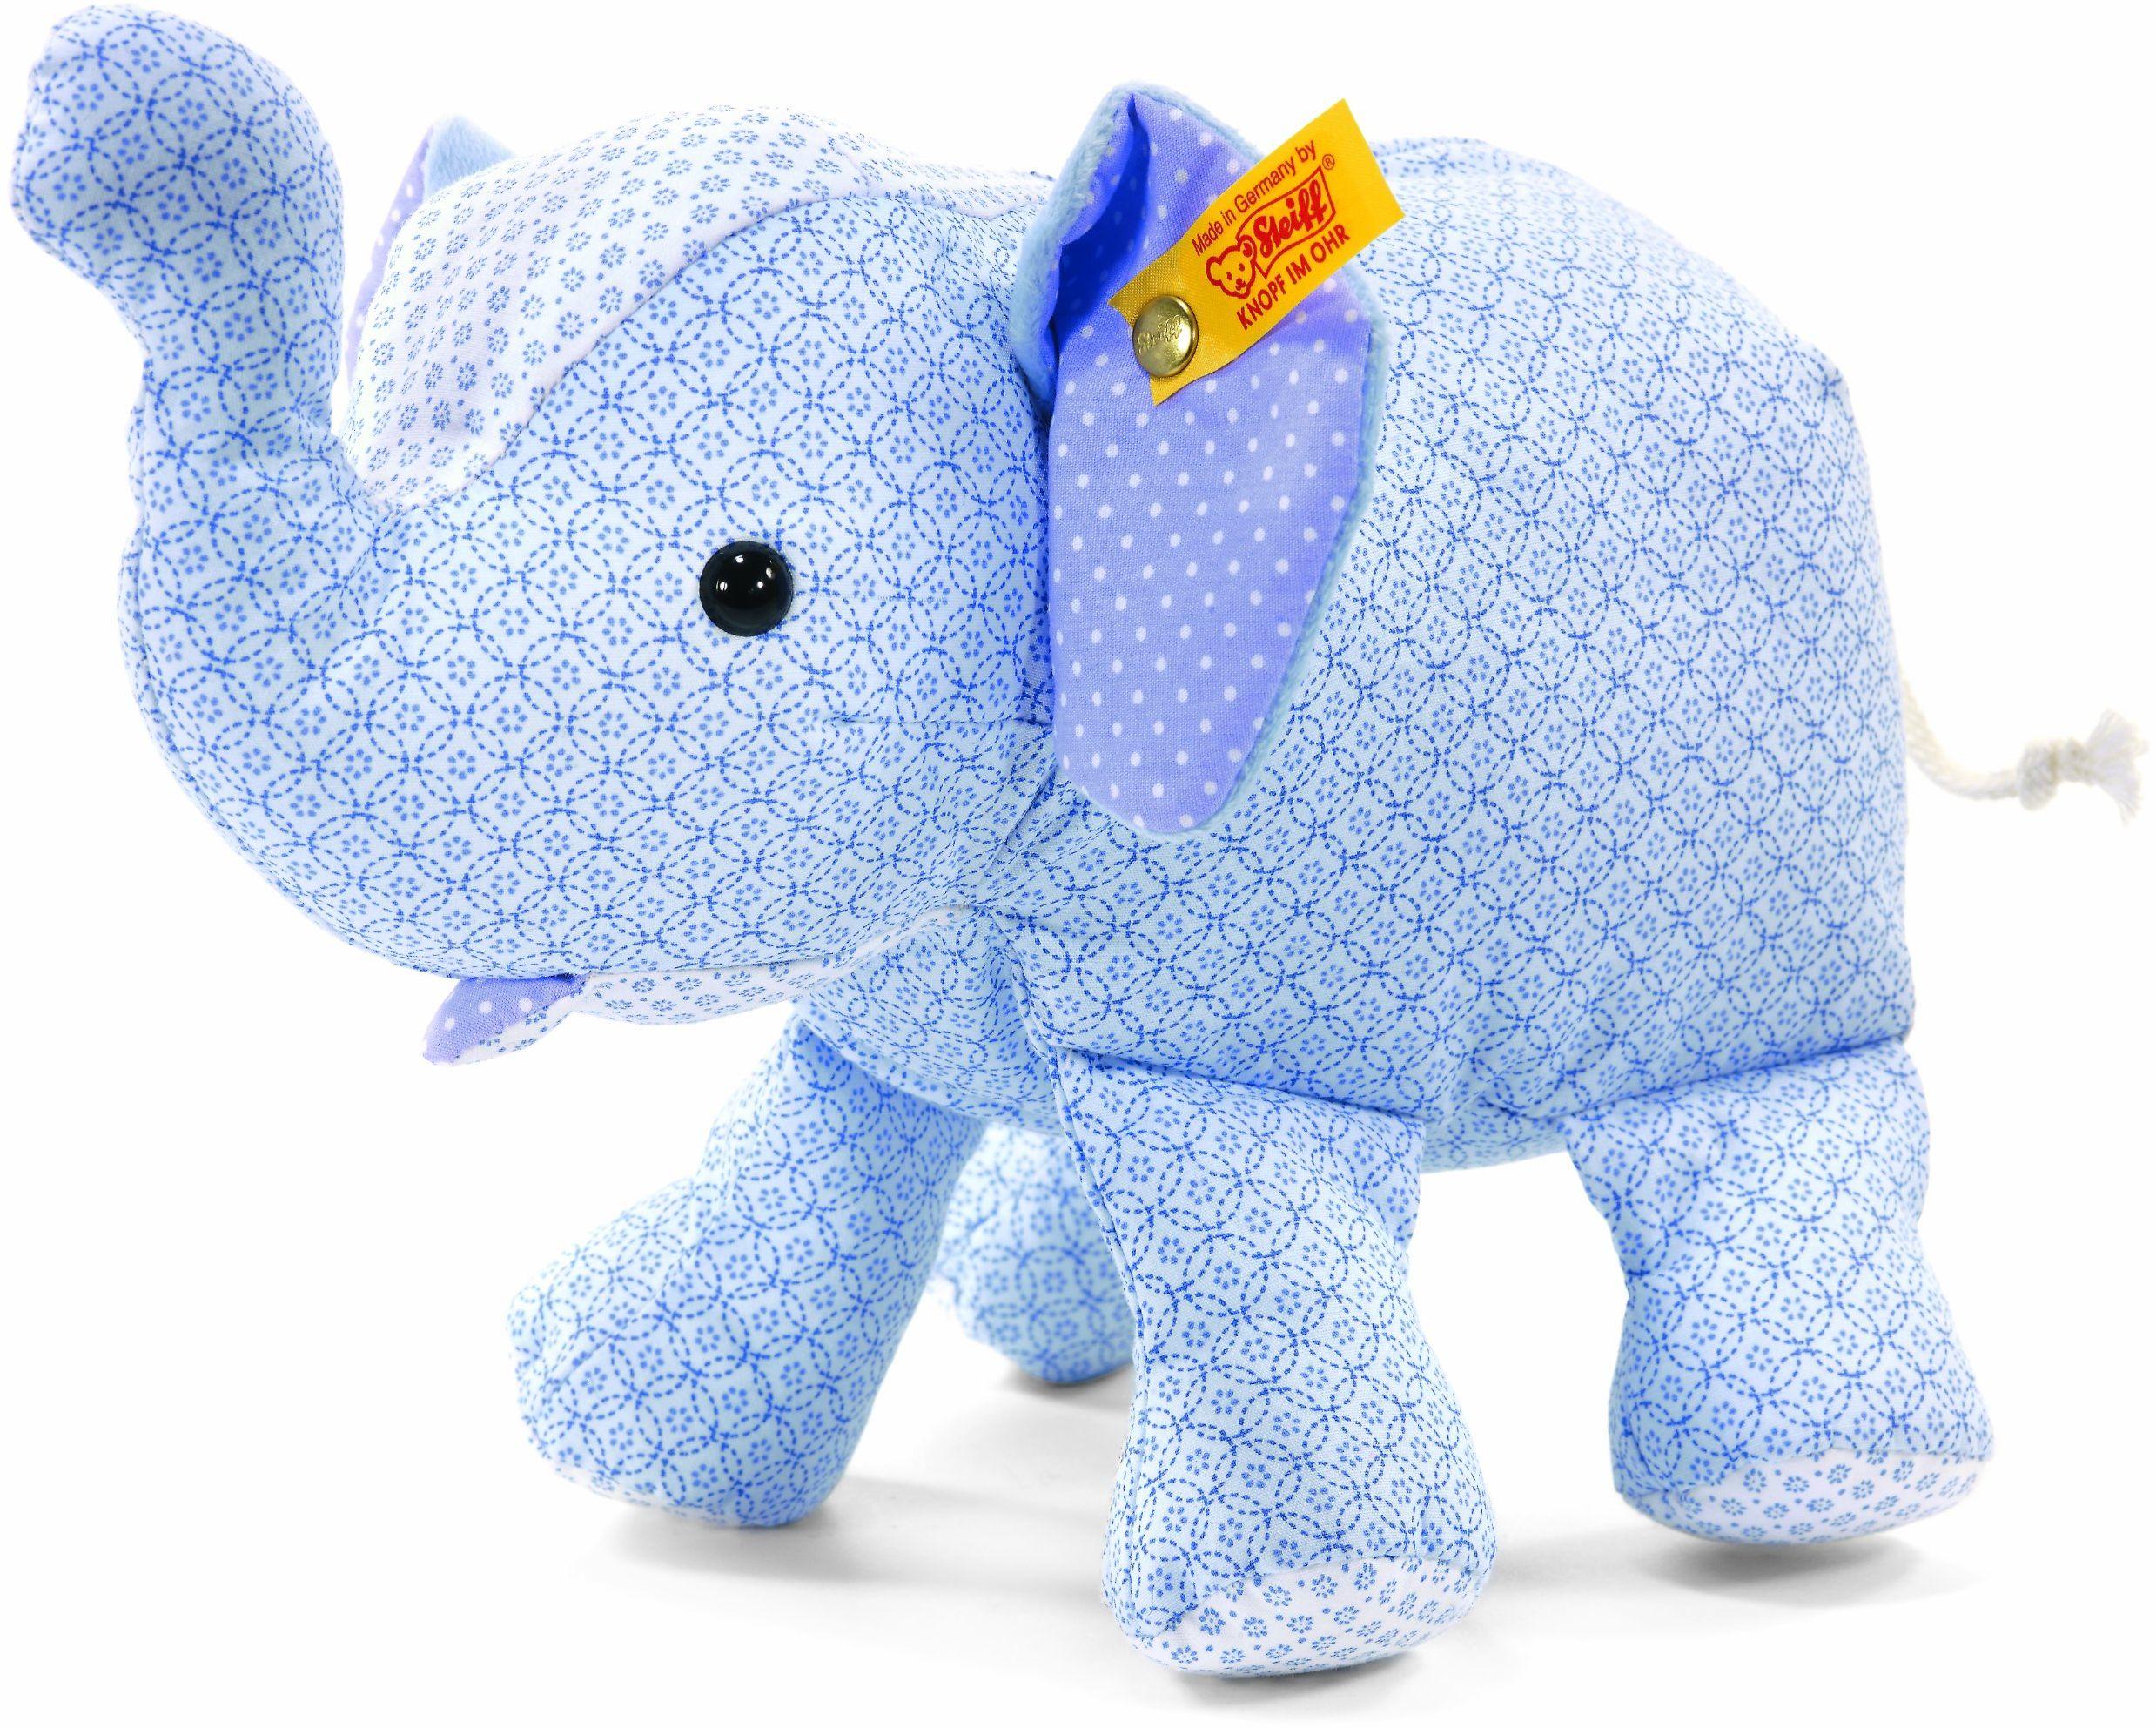 Steiff 235801 - Trampili słoń 25 cm, jasnoniebieski